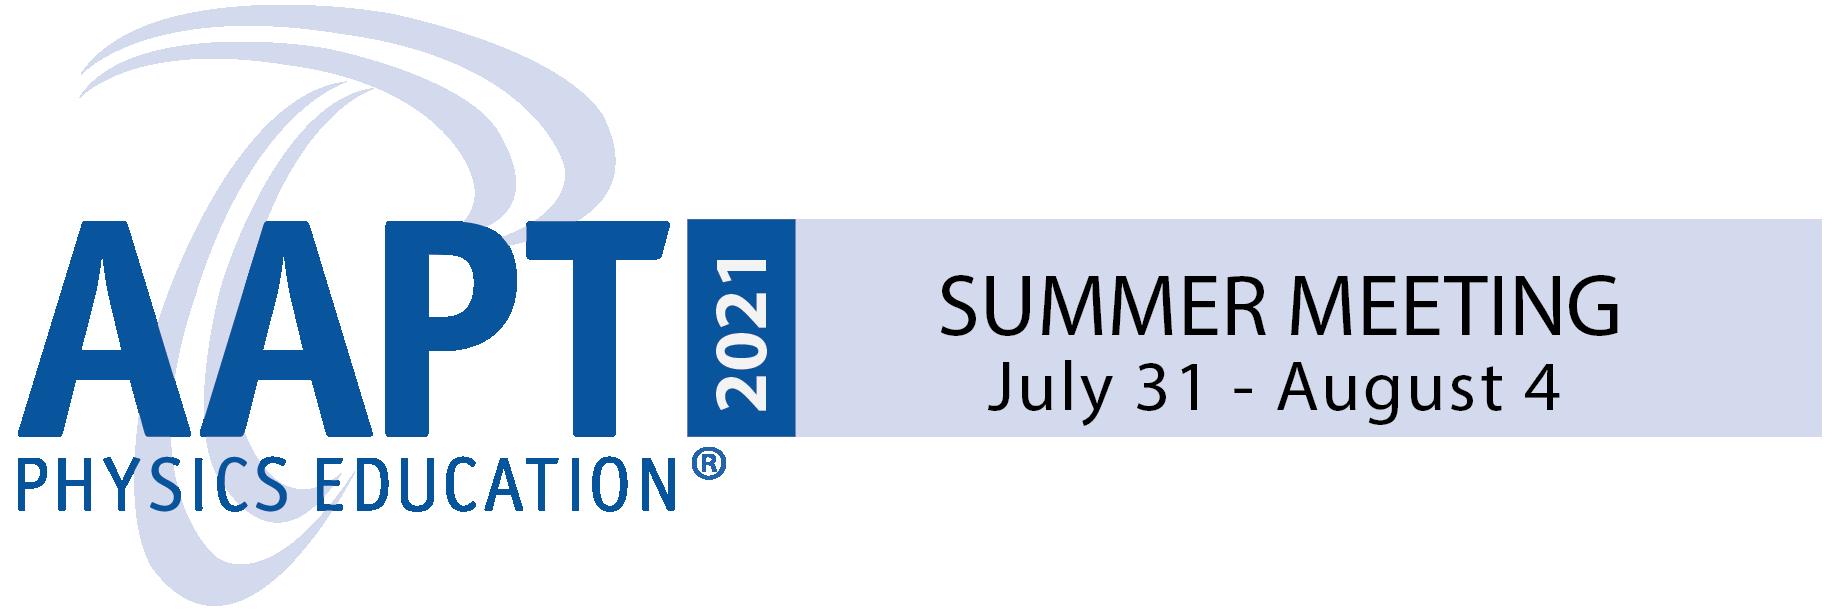 AAPT Summer Meeting 2021